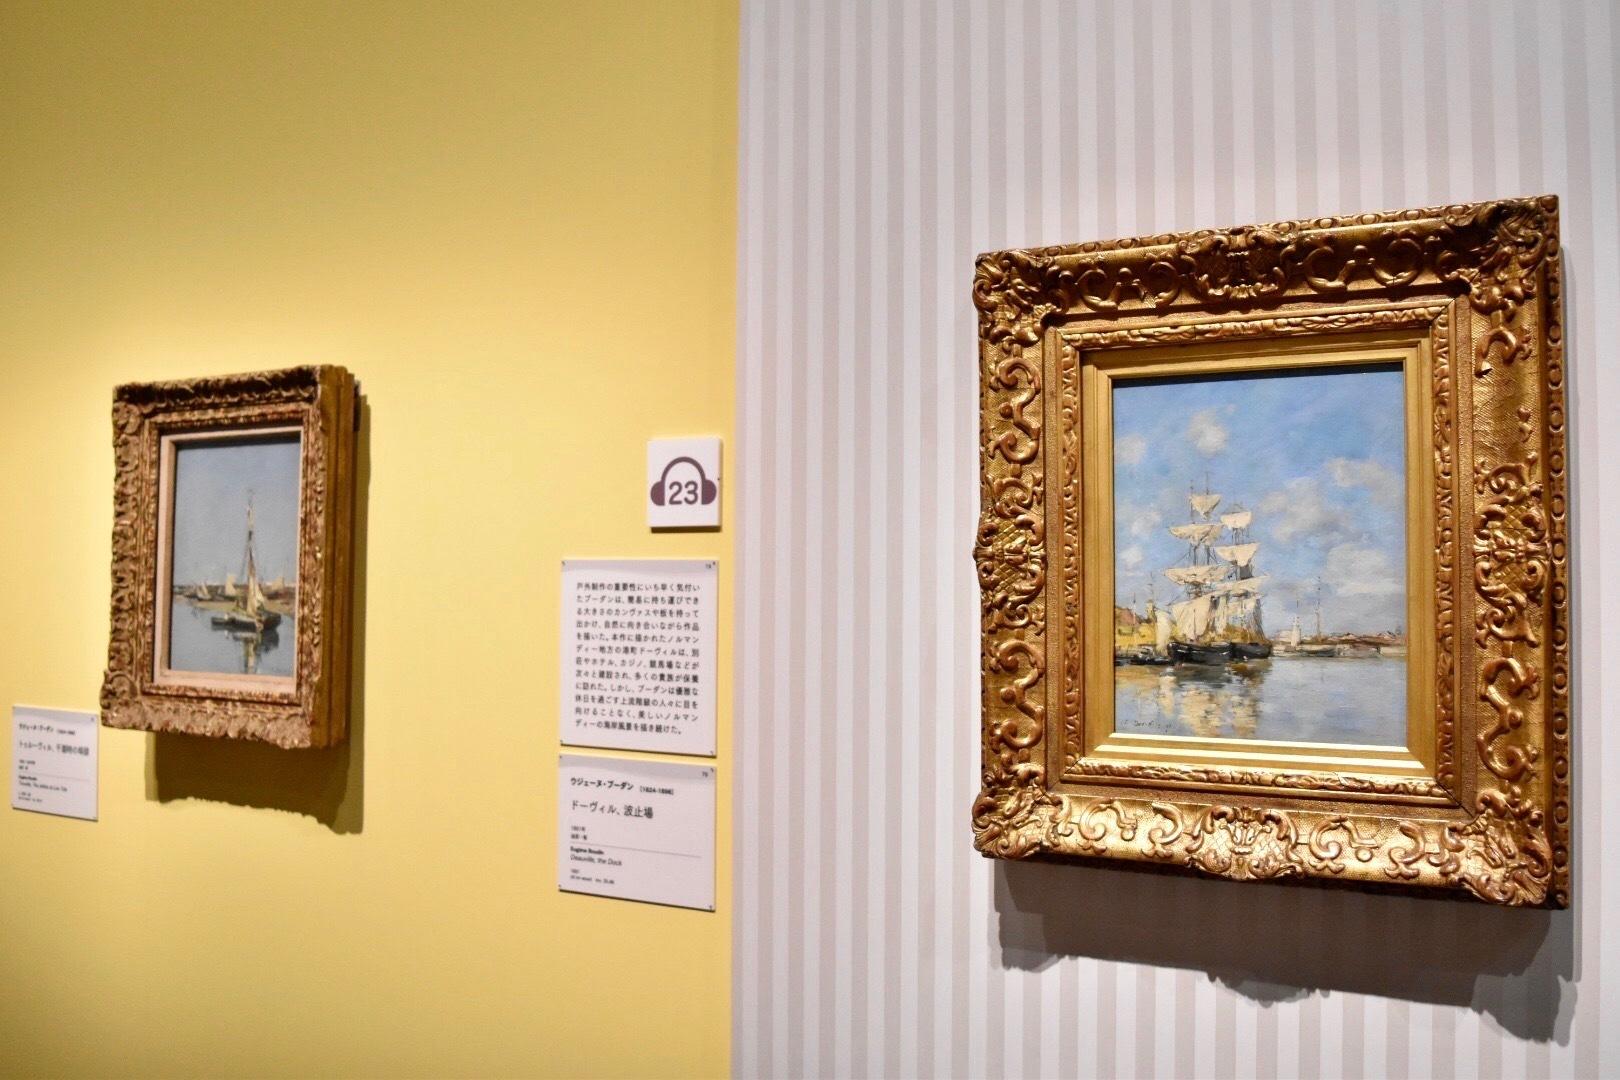 右:ウジェーヌ・ブーダン 《ドーヴィル、波止場》 1891年 油彩、板 (C)CSG CIC Glasgow Museums Collection